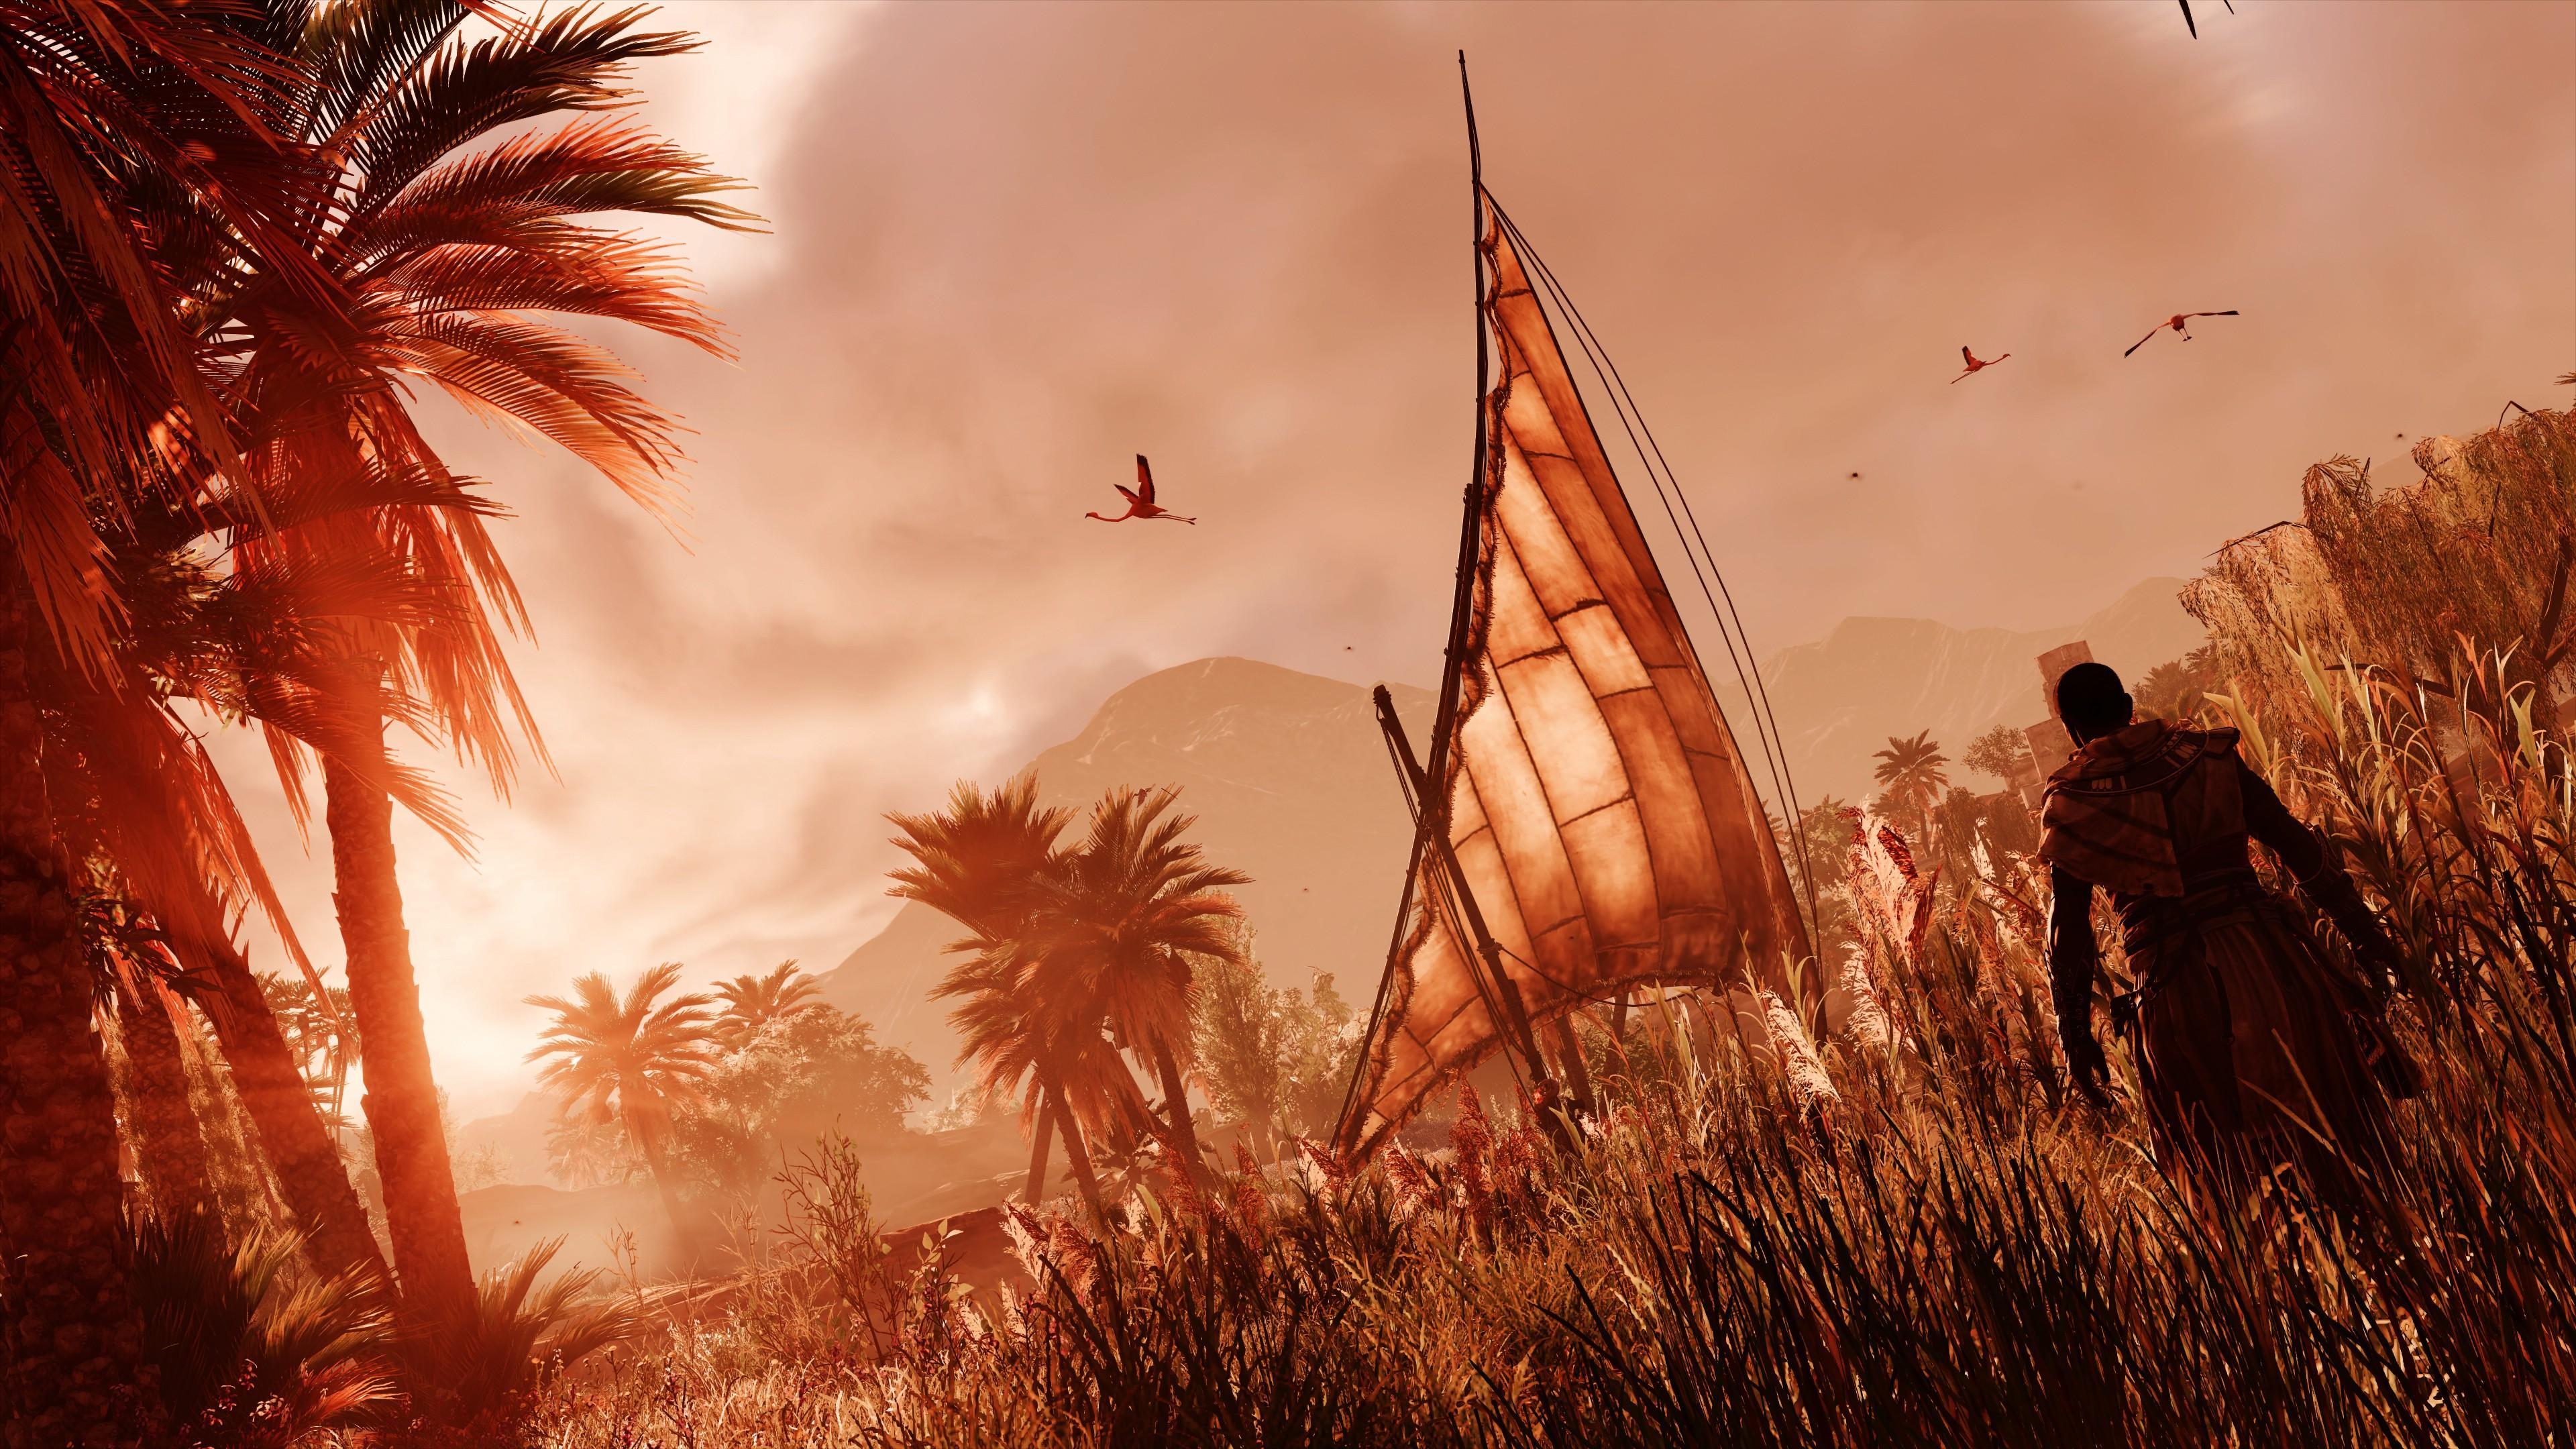 2018 Assassins Creed Origins 4k Hd Games 4k Wallpapers: 3840x2400 Assassins Creed Origins Egypt 4k 4k HD 4k